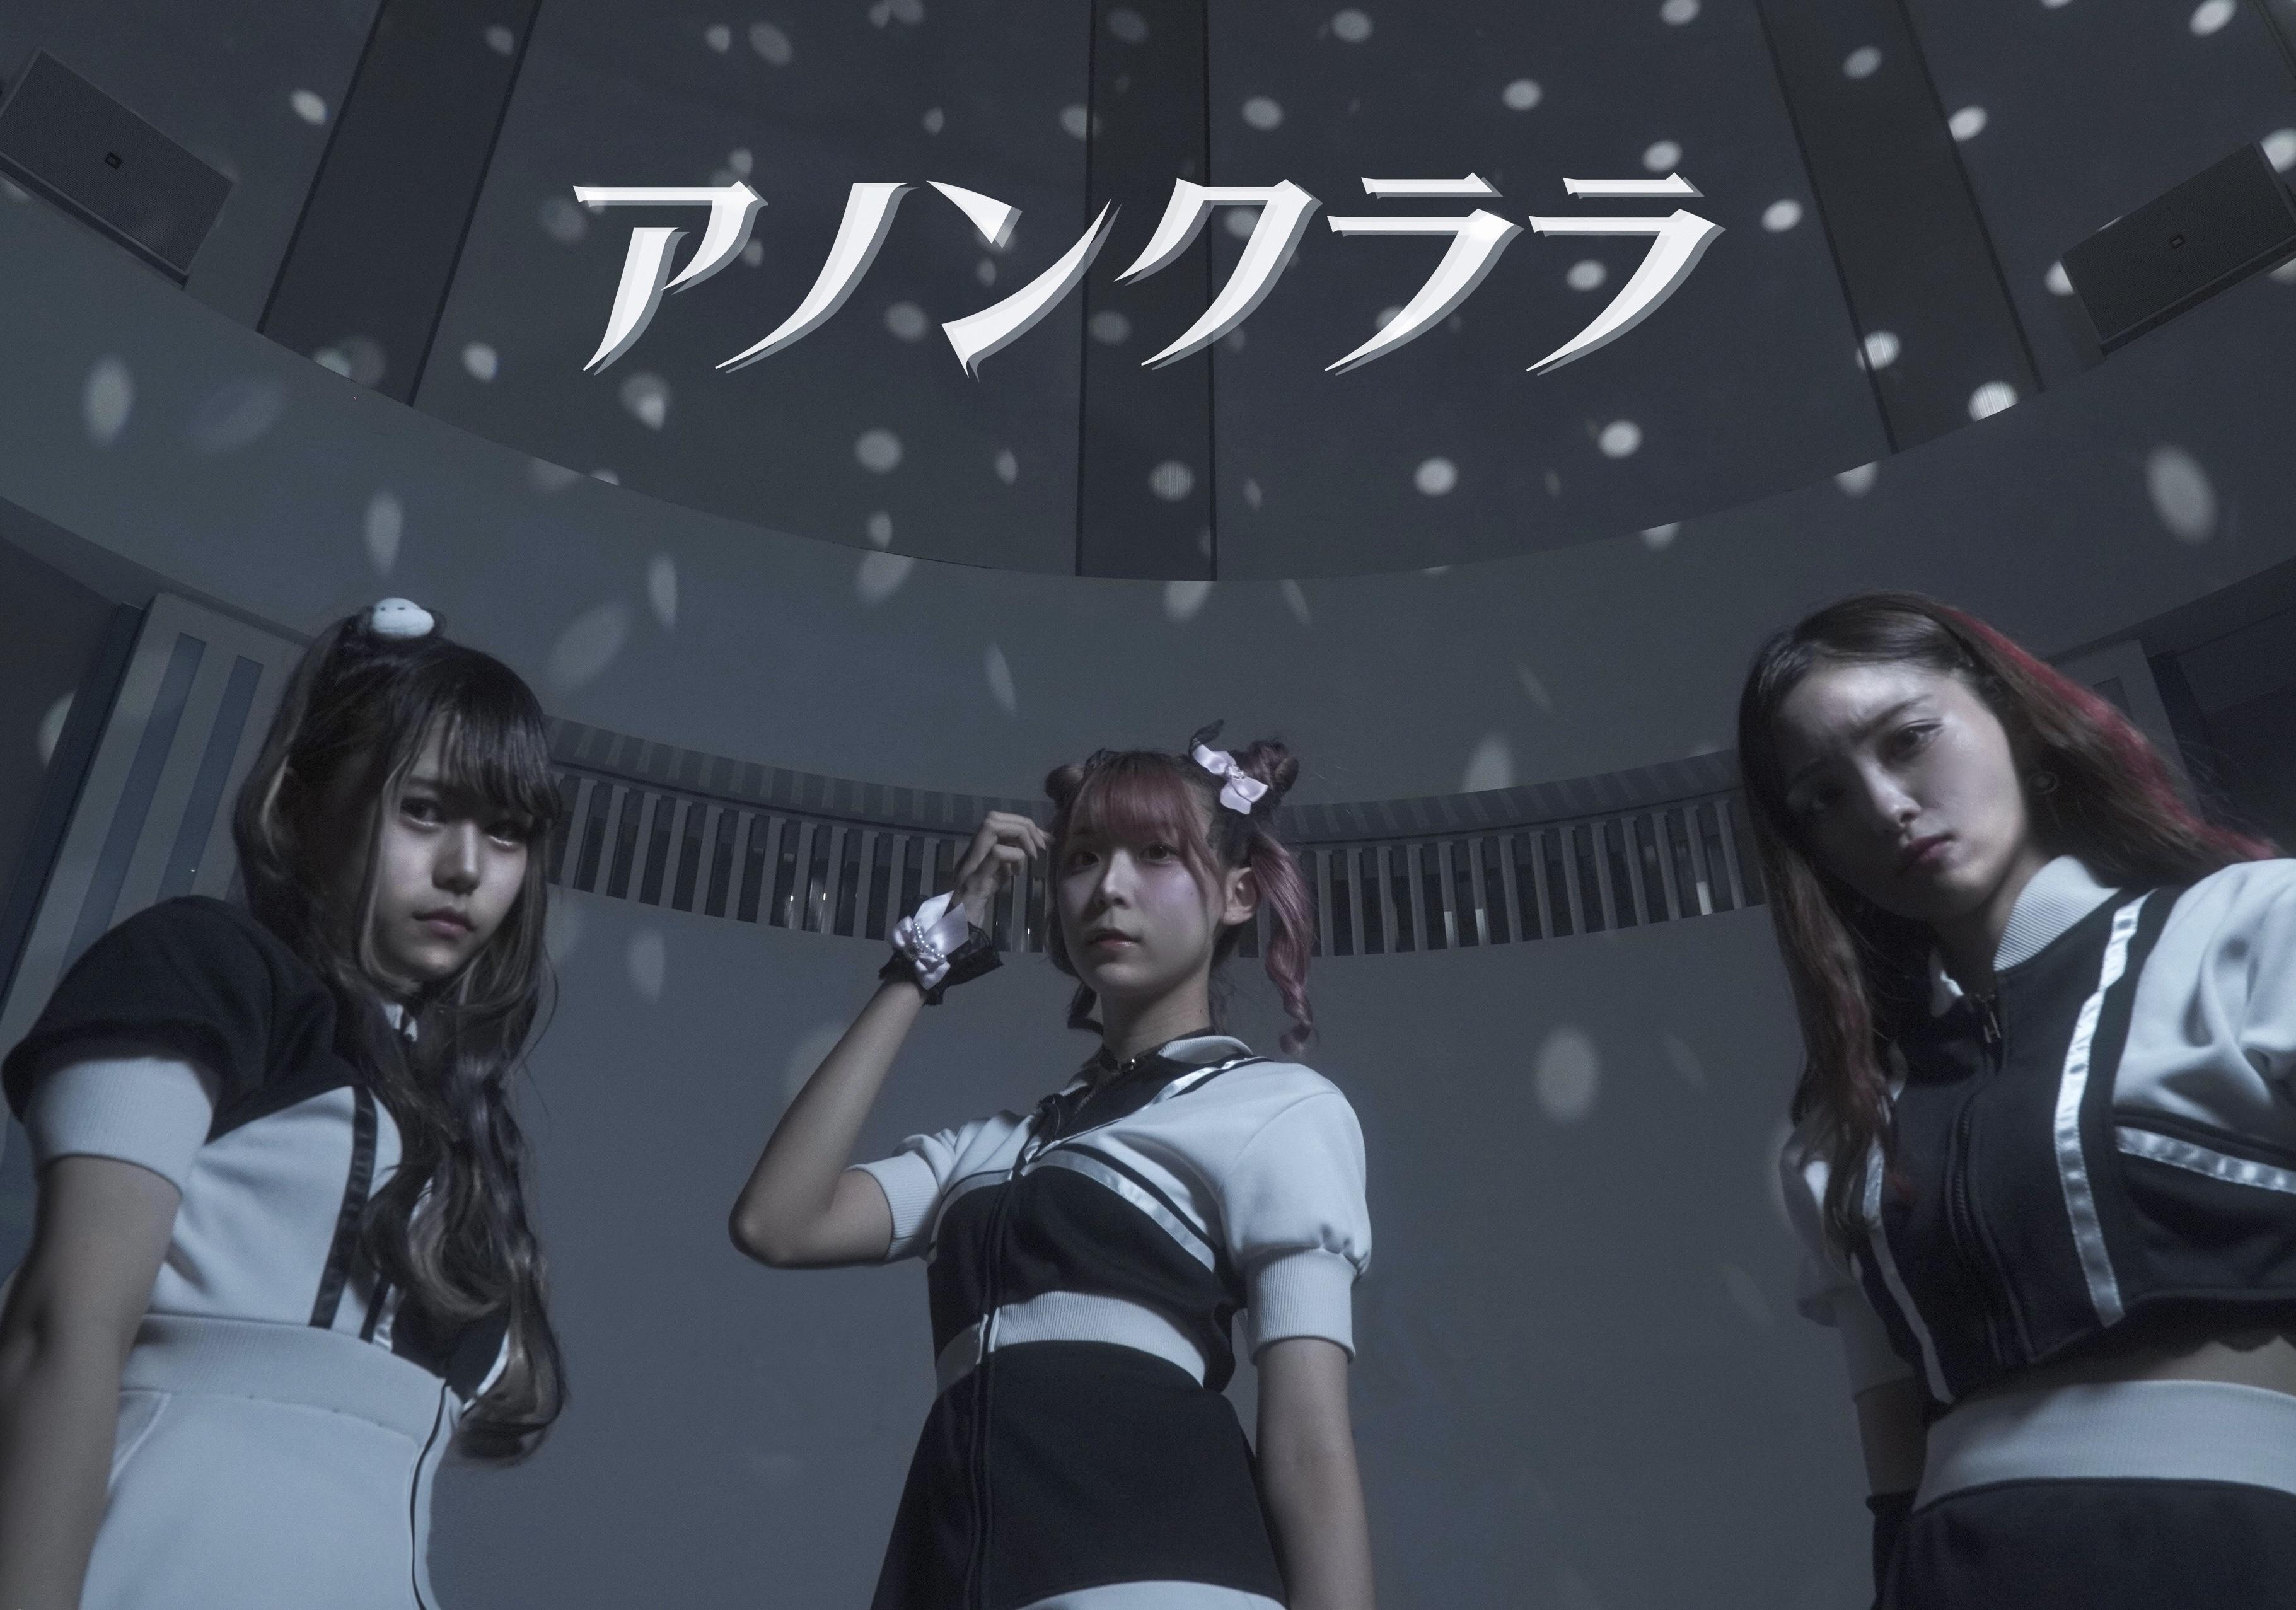 オーディション [大阪]アノンクララに次ぐ新規アイドルグループ候補生募集 主催:DATOMusix.、カテゴリ:アイドル(東京以外)